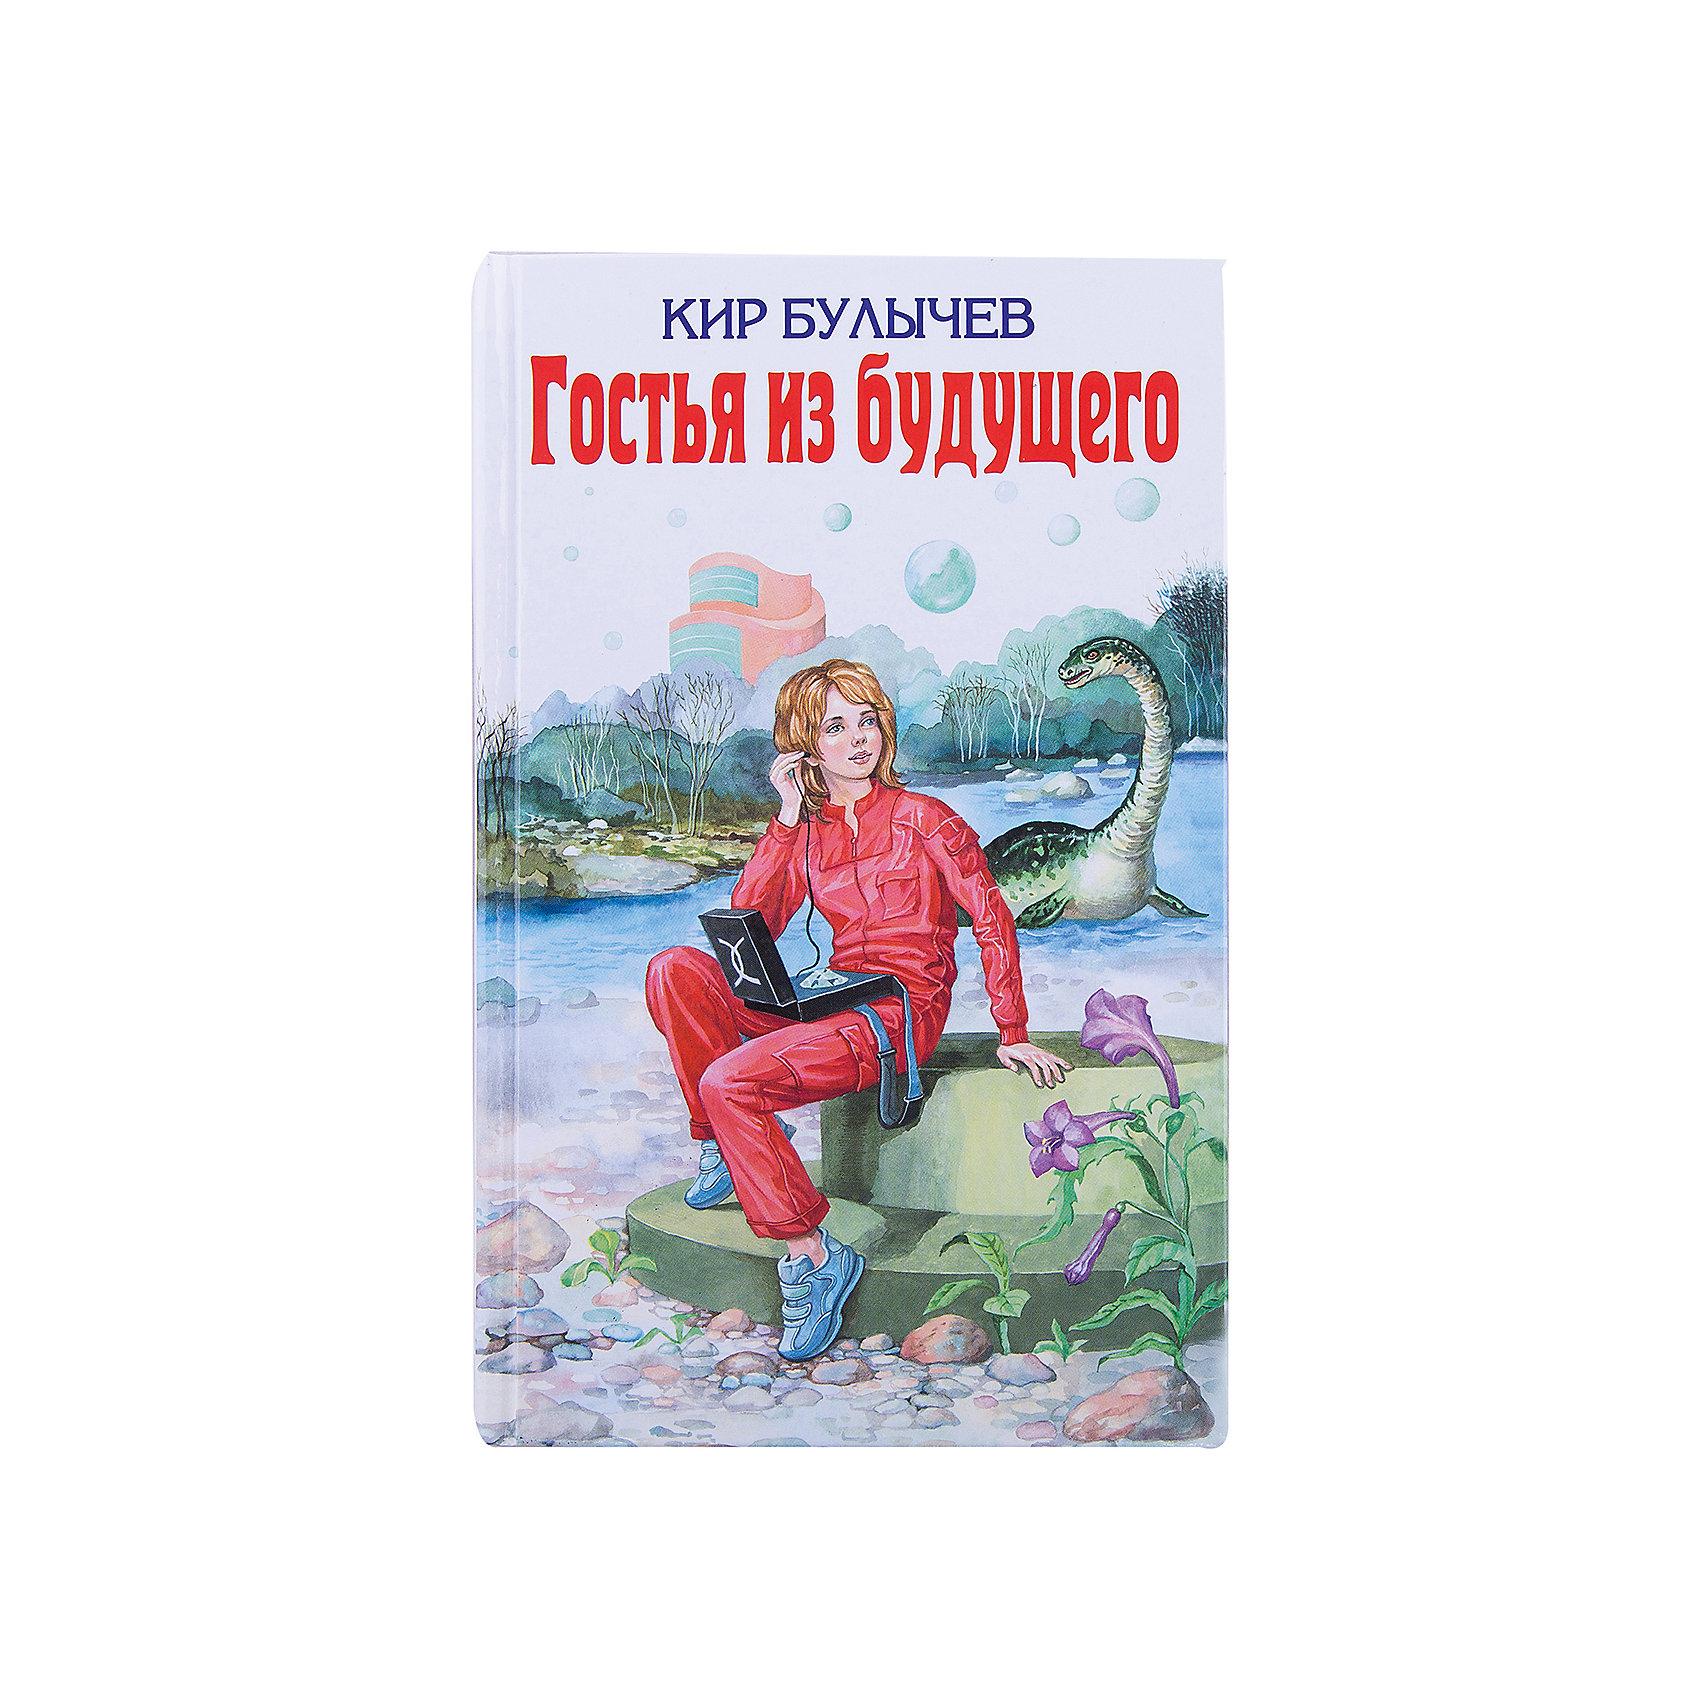 Гостья из будущего, Кир БулычевРассказы и повести<br>Одна из самых популярных российских книжных серий для детей и подростков. Белый фон, красные буквы, яркая иллюстрация как магнитом притягивает мальчишек и девчонок, а также их родителей - и не случайно. В серии собраны лучшие произведения отечественных и зарубежных авторов, когда-либо писавших для 6-13-летних граждан. Наряду с известными произведениями, давно ставшими классикой, в серии представлены новинки детской зарубежной литературы. Покупатели доверяют выбору наших редакторов - едва появившись на прилавке, эти книги становятся бестселлерами.<br><br>Ширина мм: 220<br>Глубина мм: 140<br>Высота мм: 30<br>Вес г: 473<br>Возраст от месяцев: 72<br>Возраст до месяцев: 144<br>Пол: Унисекс<br>Возраст: Детский<br>SKU: 6878041